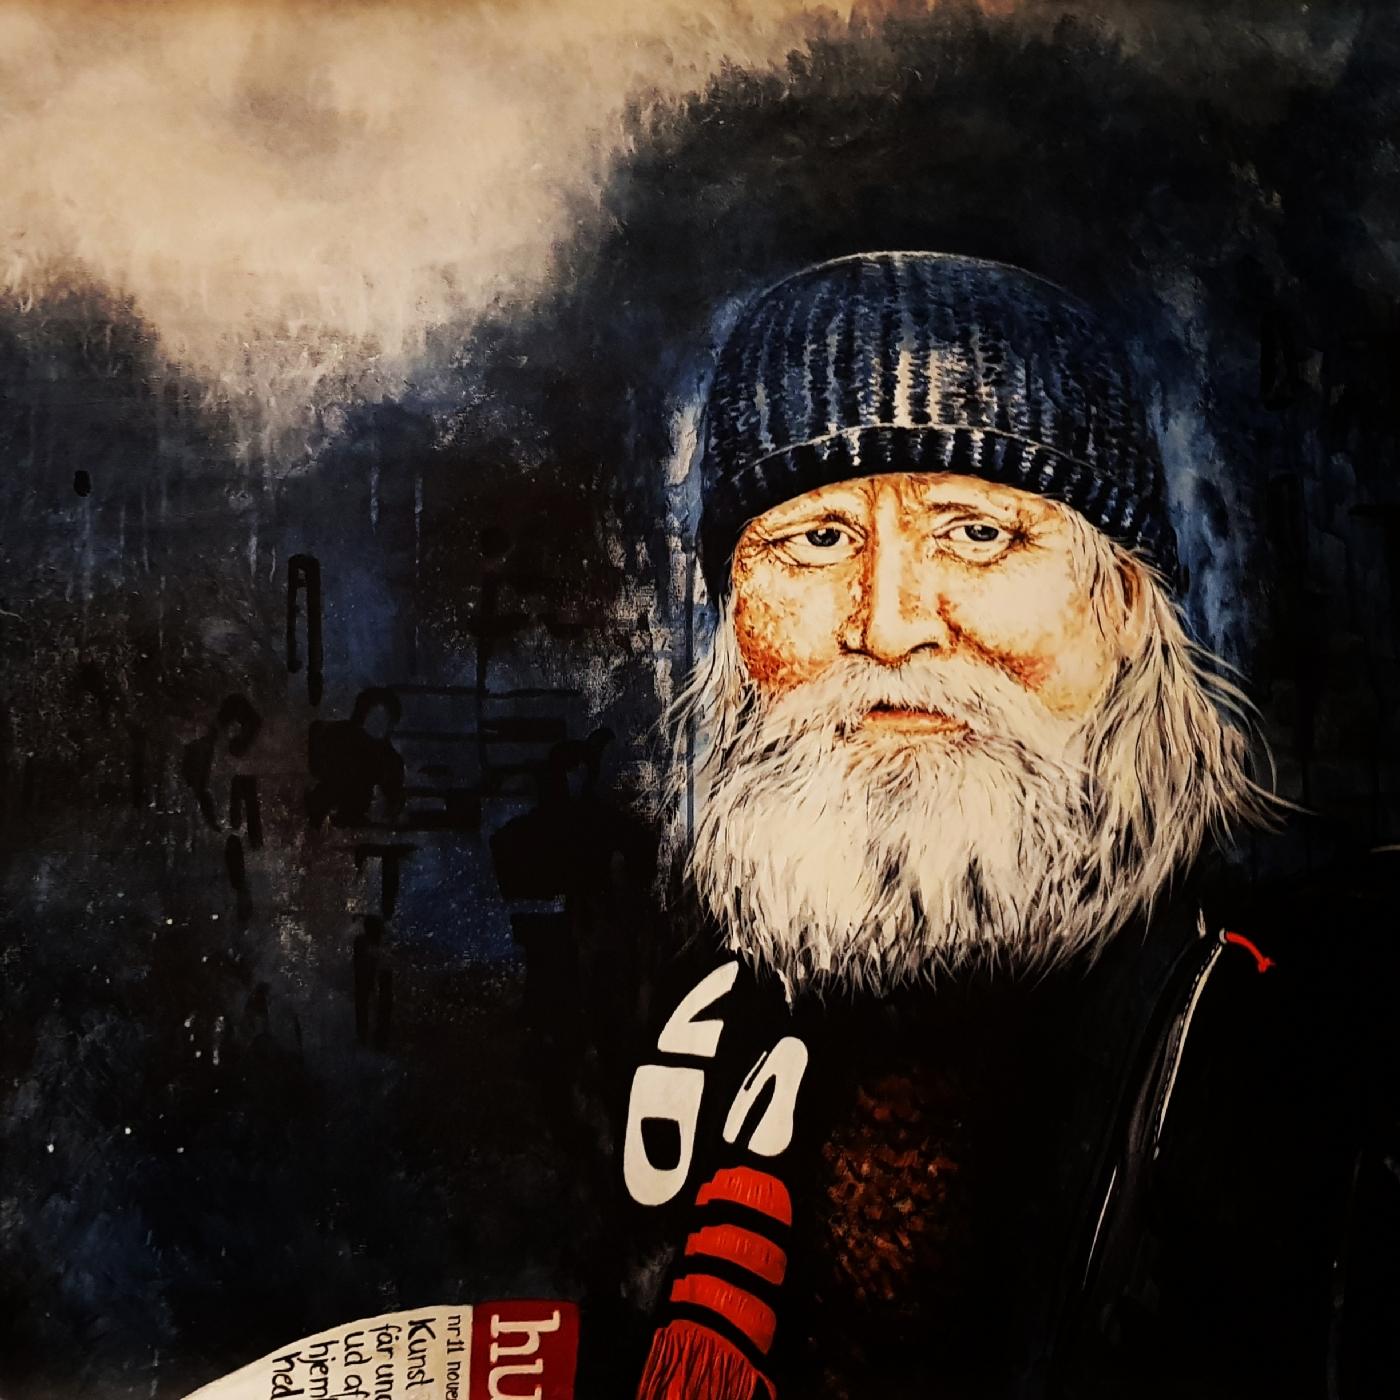 Hans-henrik, portræt af en hjemløs  | Maleri